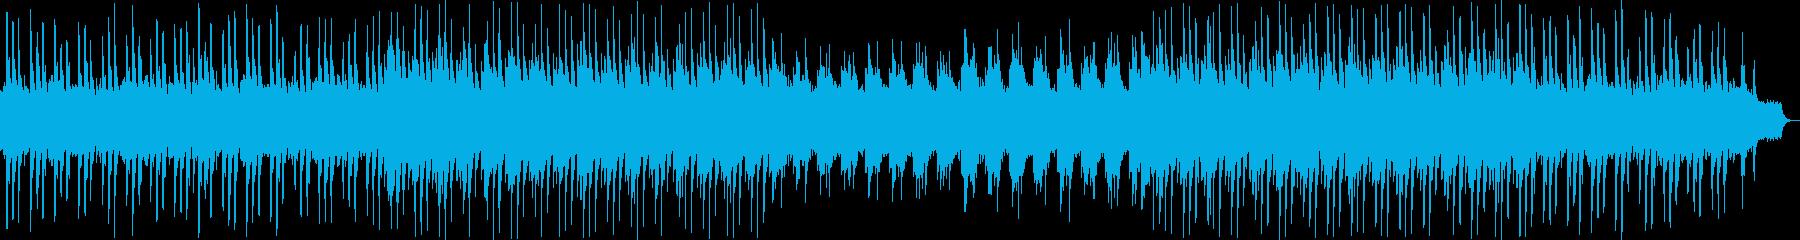 ロマンティックなヒーリングミュージックの再生済みの波形